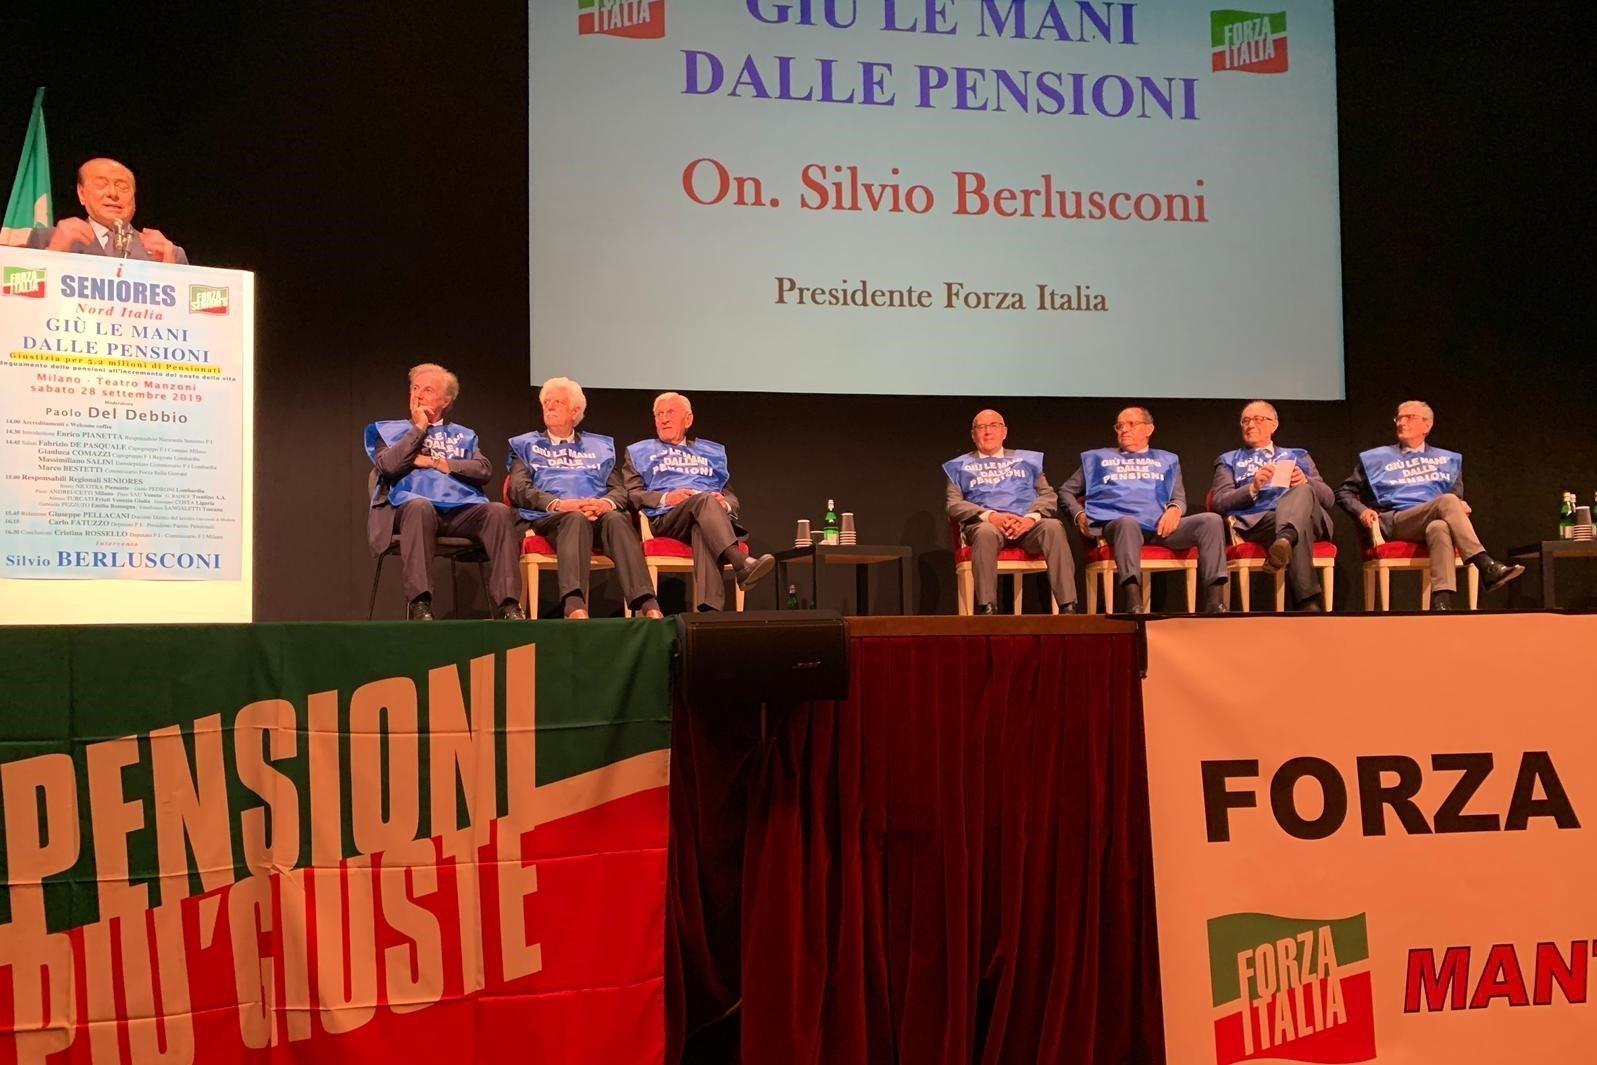 """Seniores: Conferenza """"Giù le mani dalle pensioni"""" con Berlusconi"""